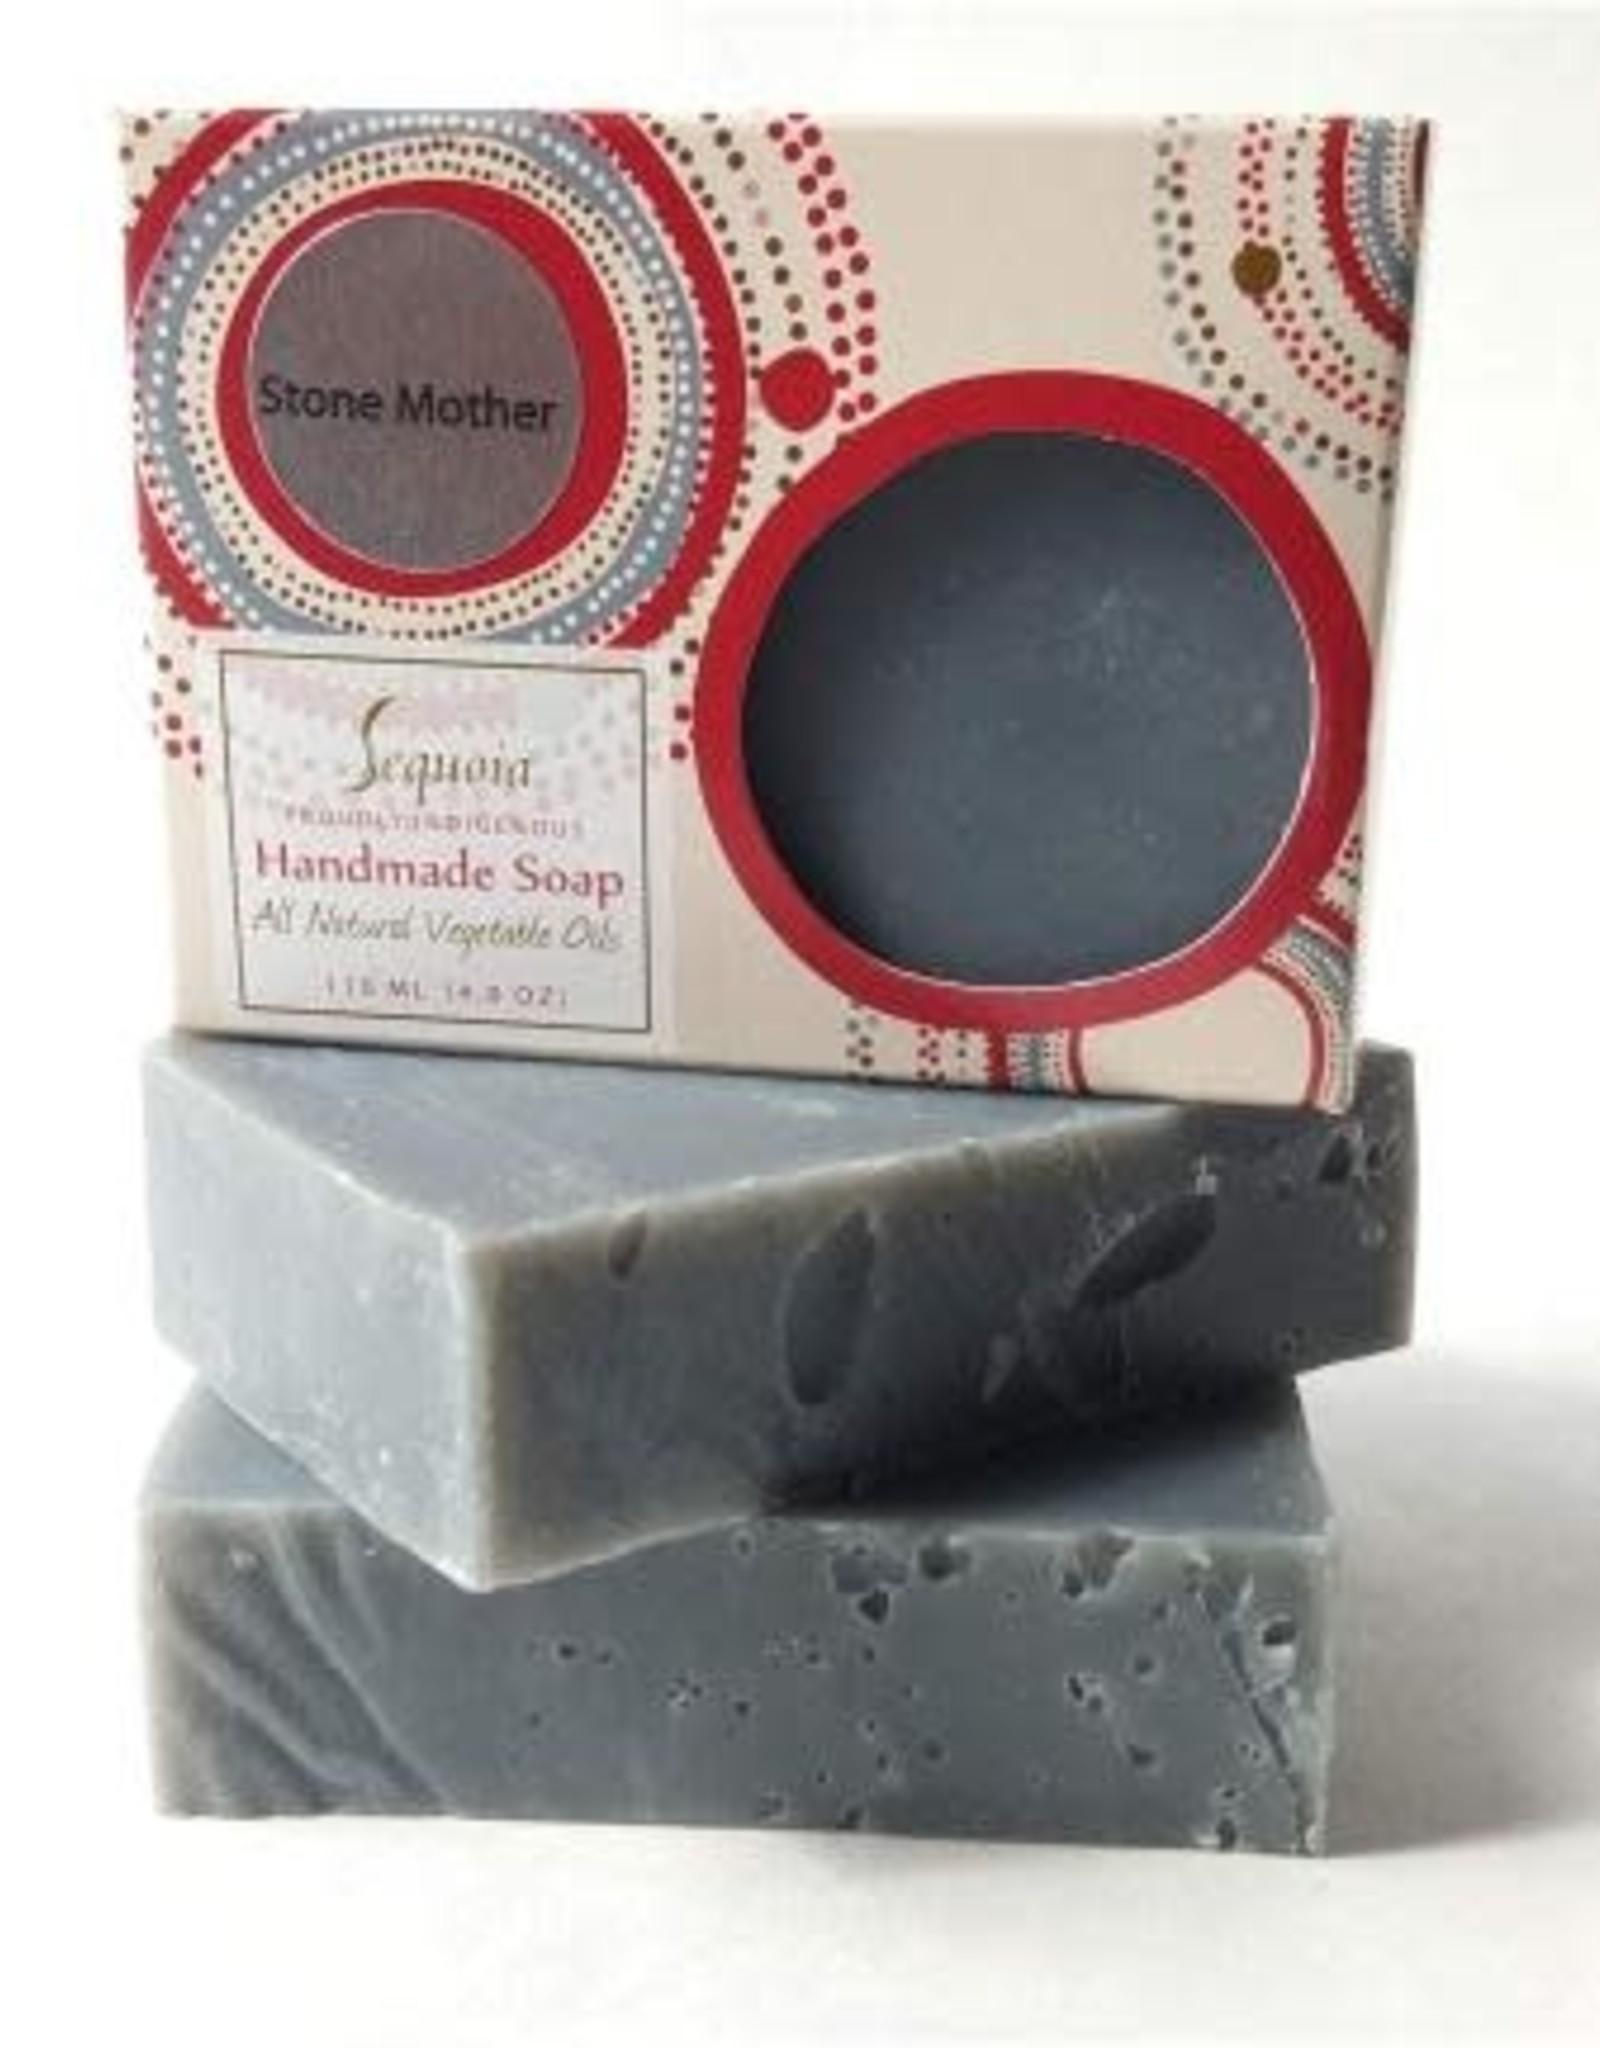 Sequoia Handmade Soap-  Stone Mother